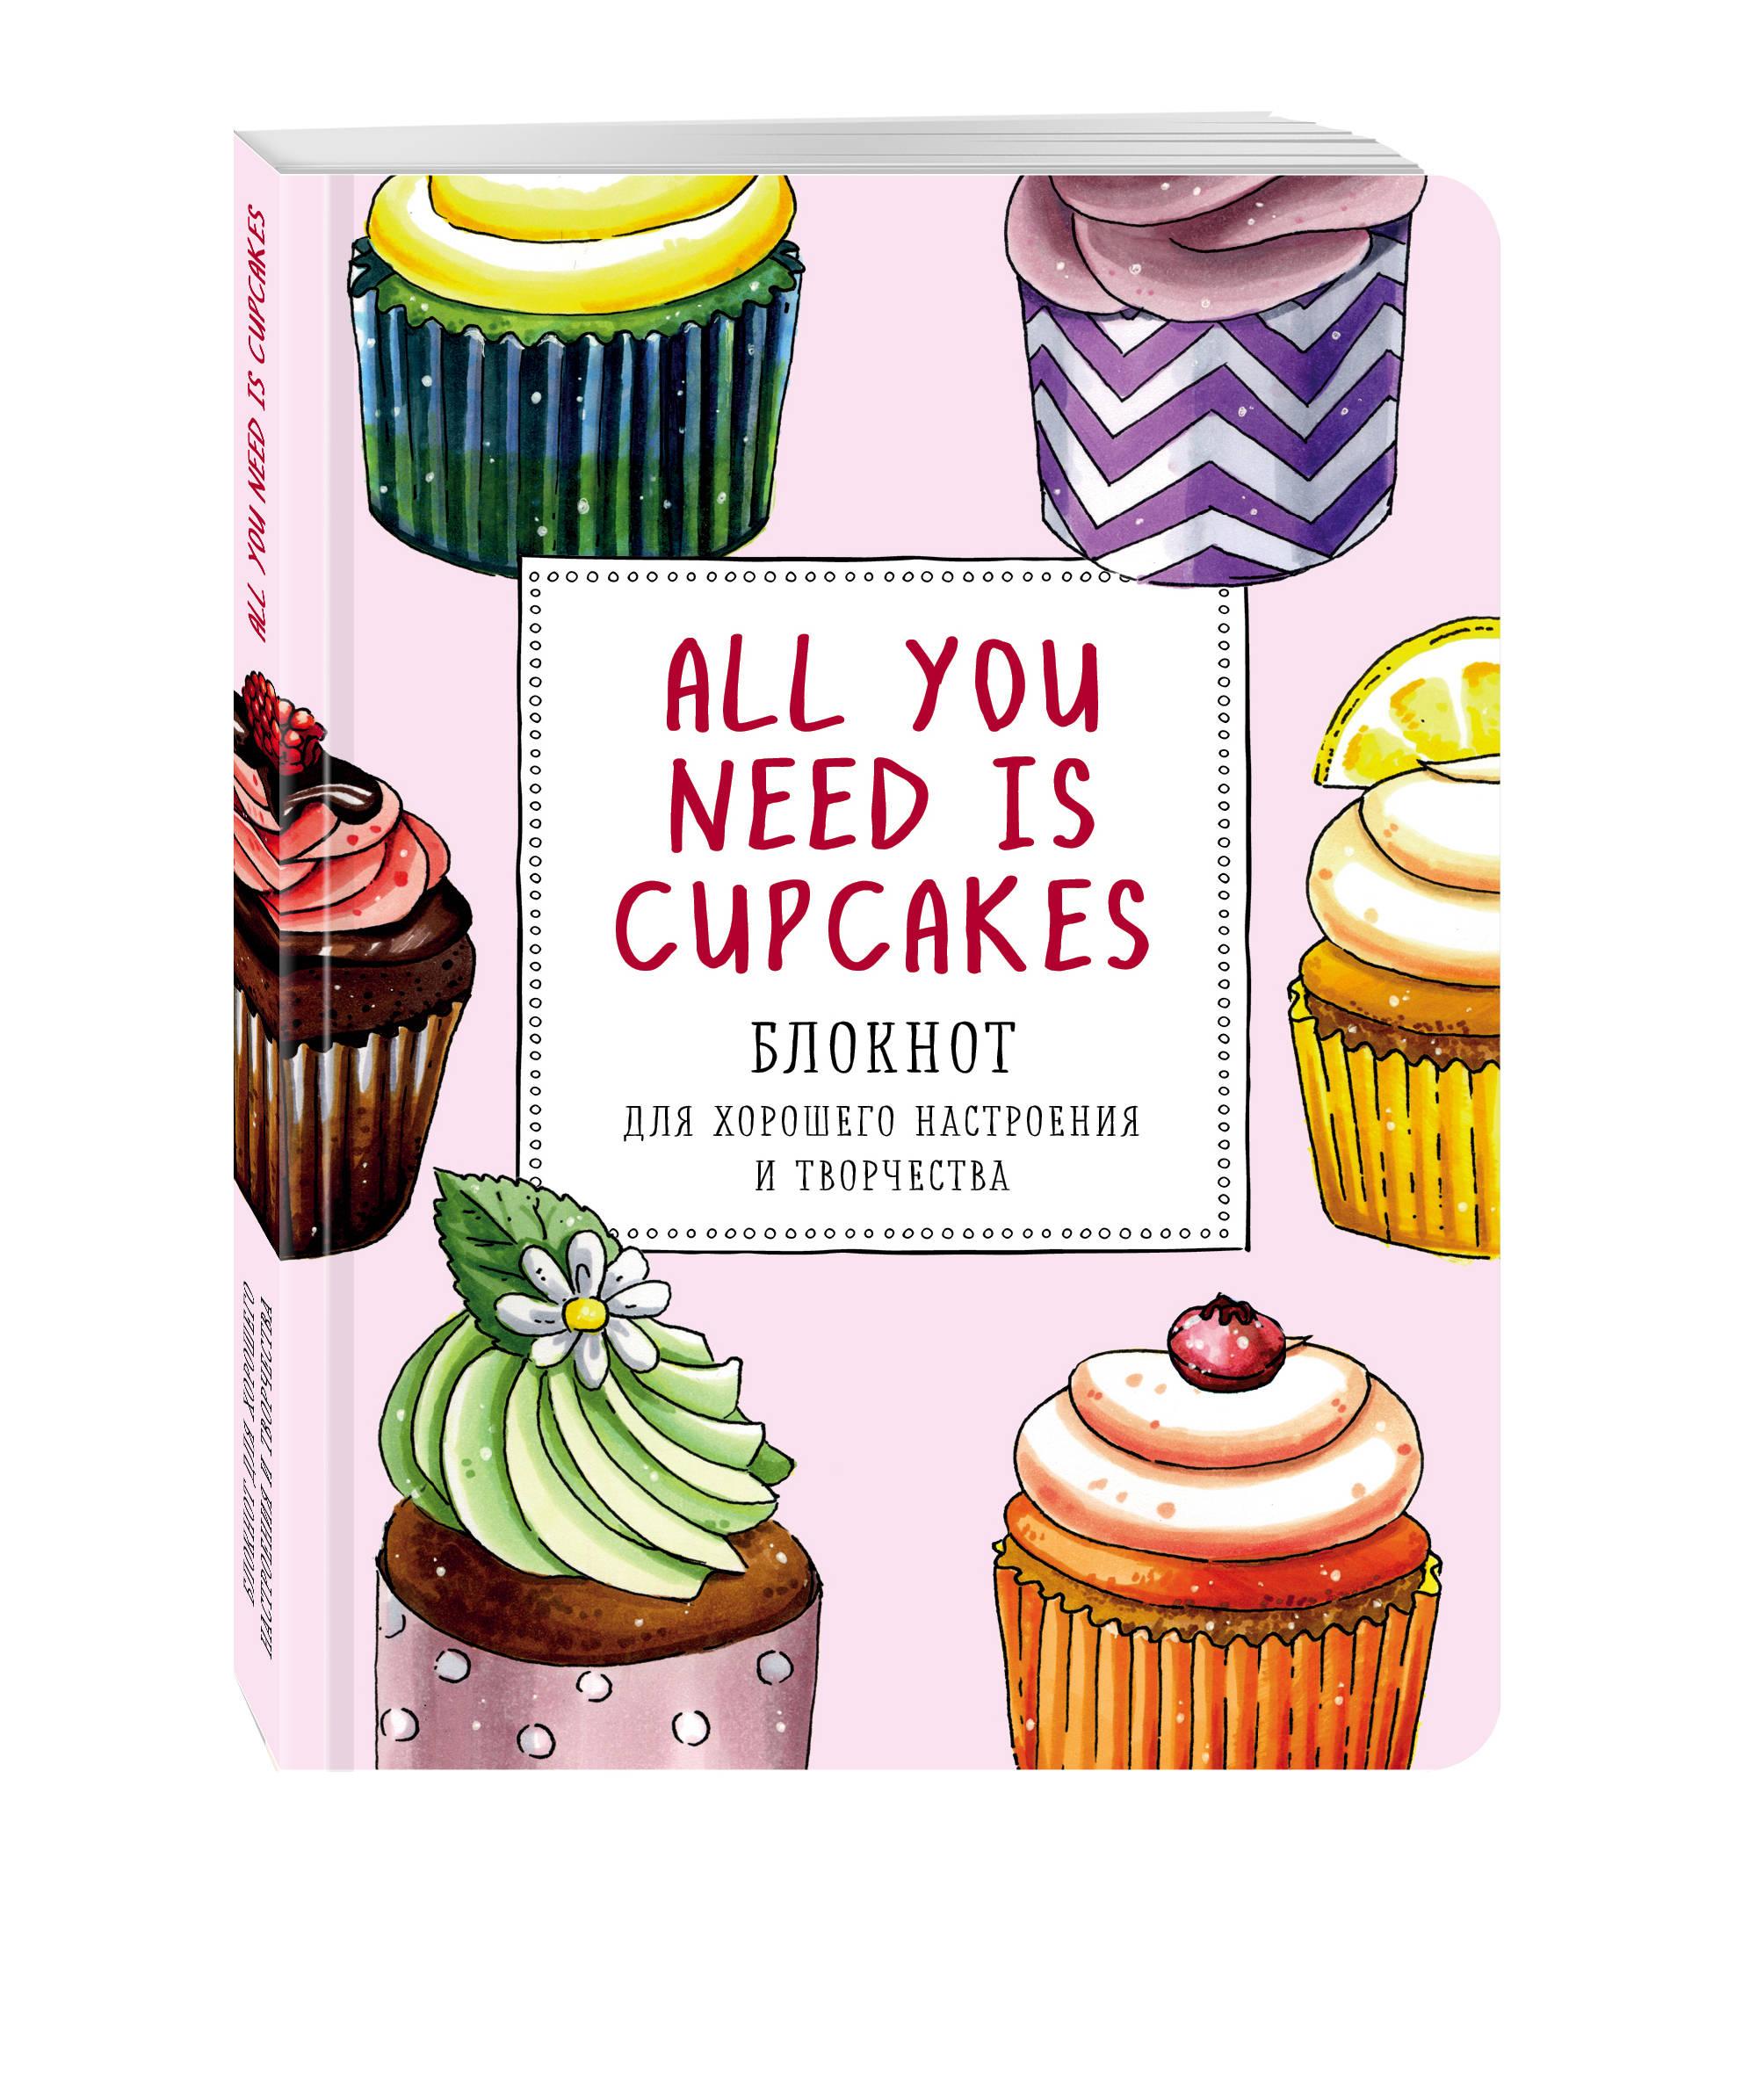 Анна Расторгуева All you need is cupcakes. Блокнот для хорошего настроения и творчества блокнот all you need is flowers а5